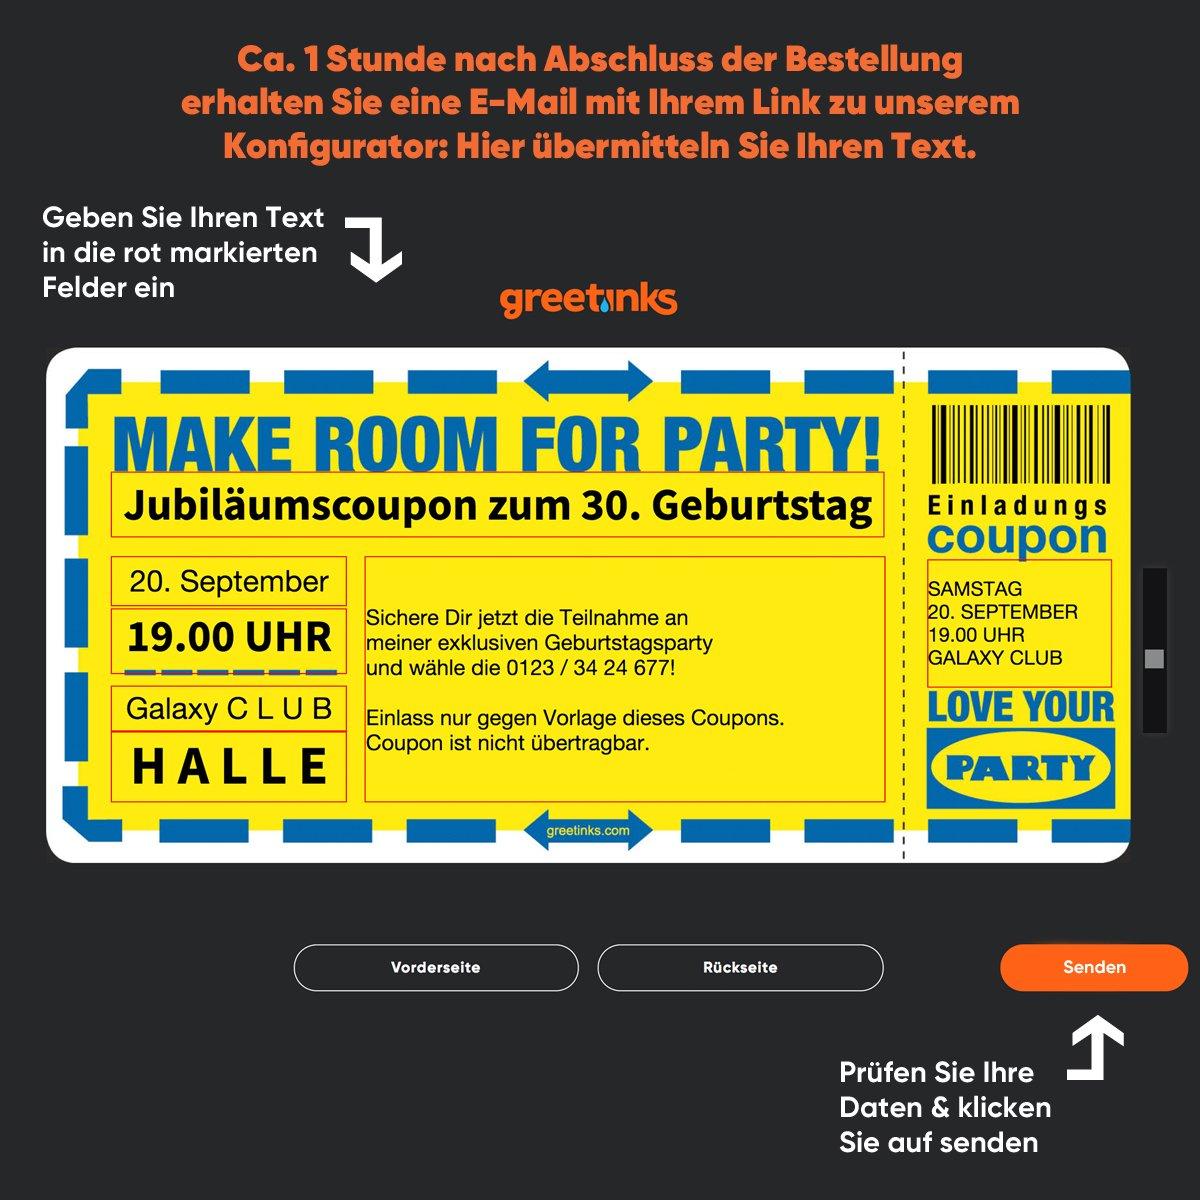 Einladungskarten zum Geburtstag - - - Schwedische Party   40 Stück   Inkl. Druck Ihrer persönlichen Texte   Individuelle Einladungen   Karte Einladung B01N9CSMAC | Vollständige Spezifikation  | Deutschland Online Shop  | Guter Markt  2e7b3b